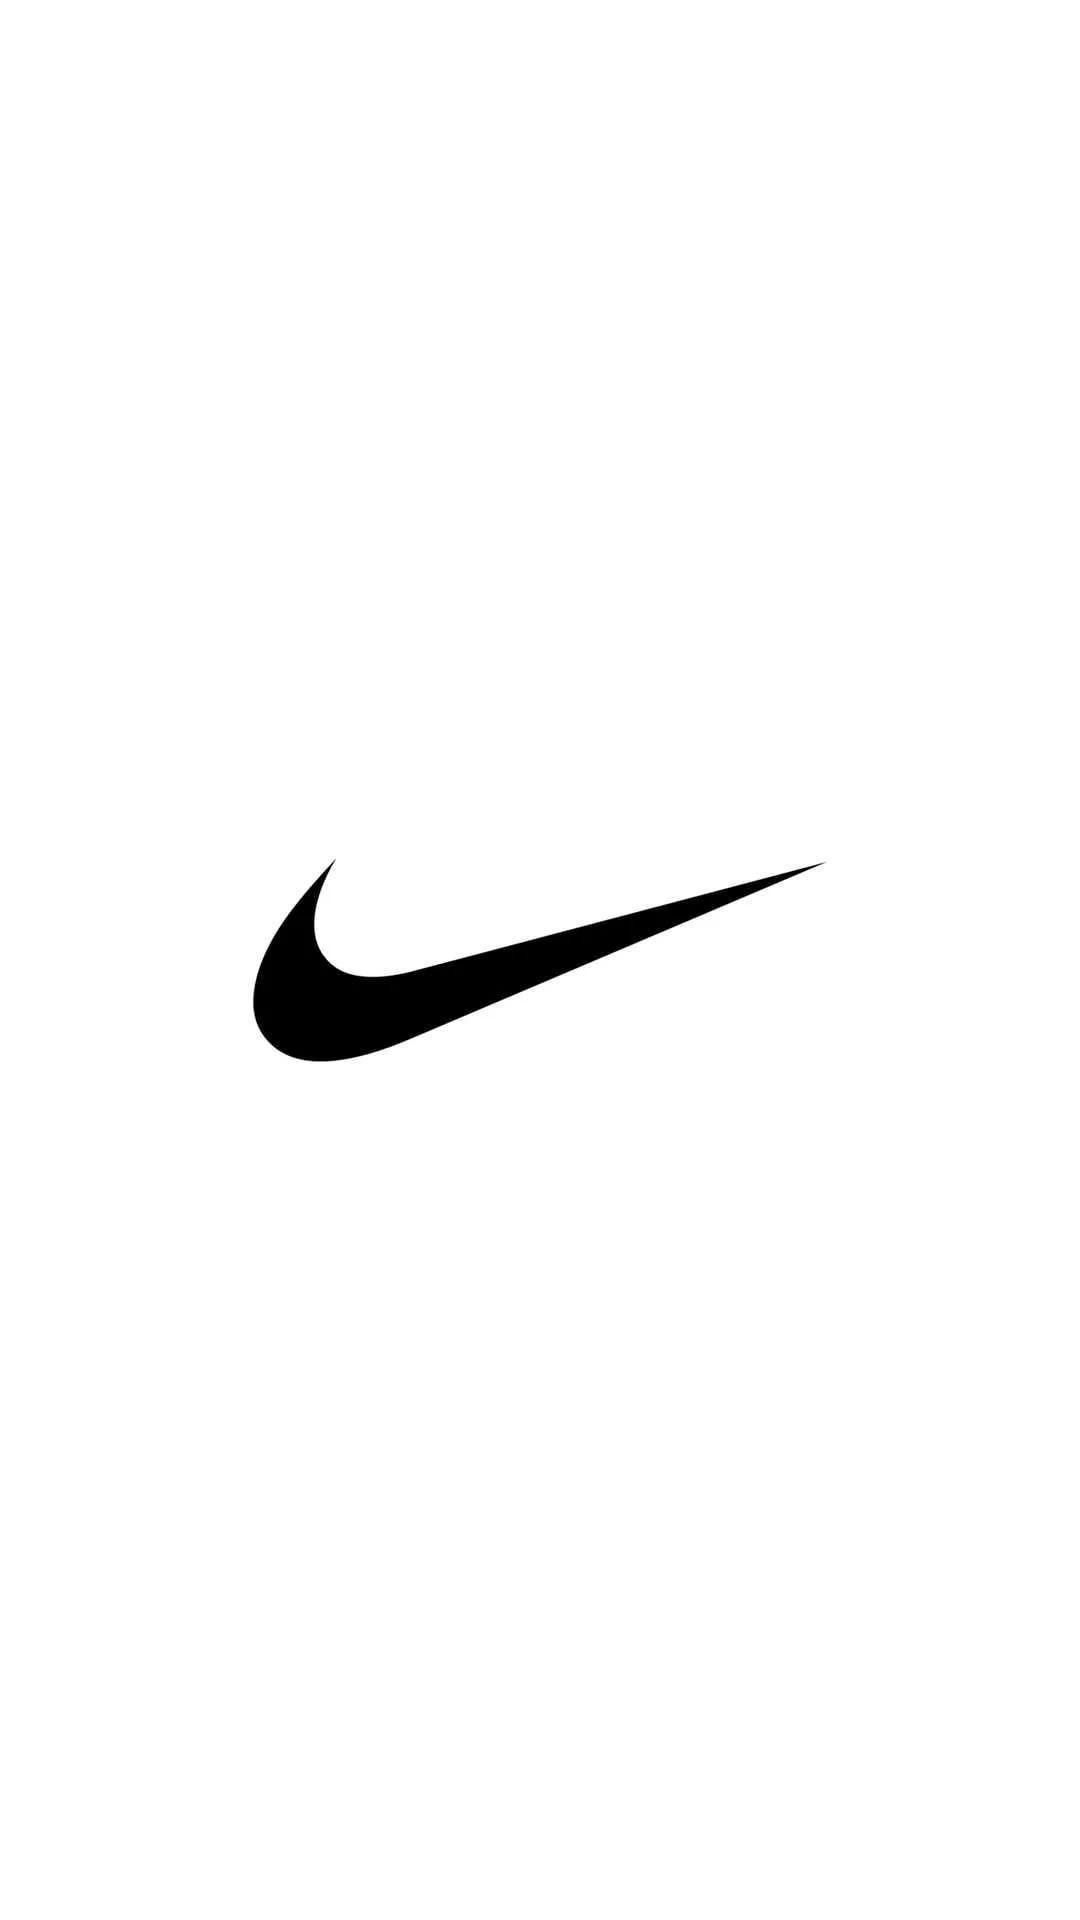 Nike phone wallpaper